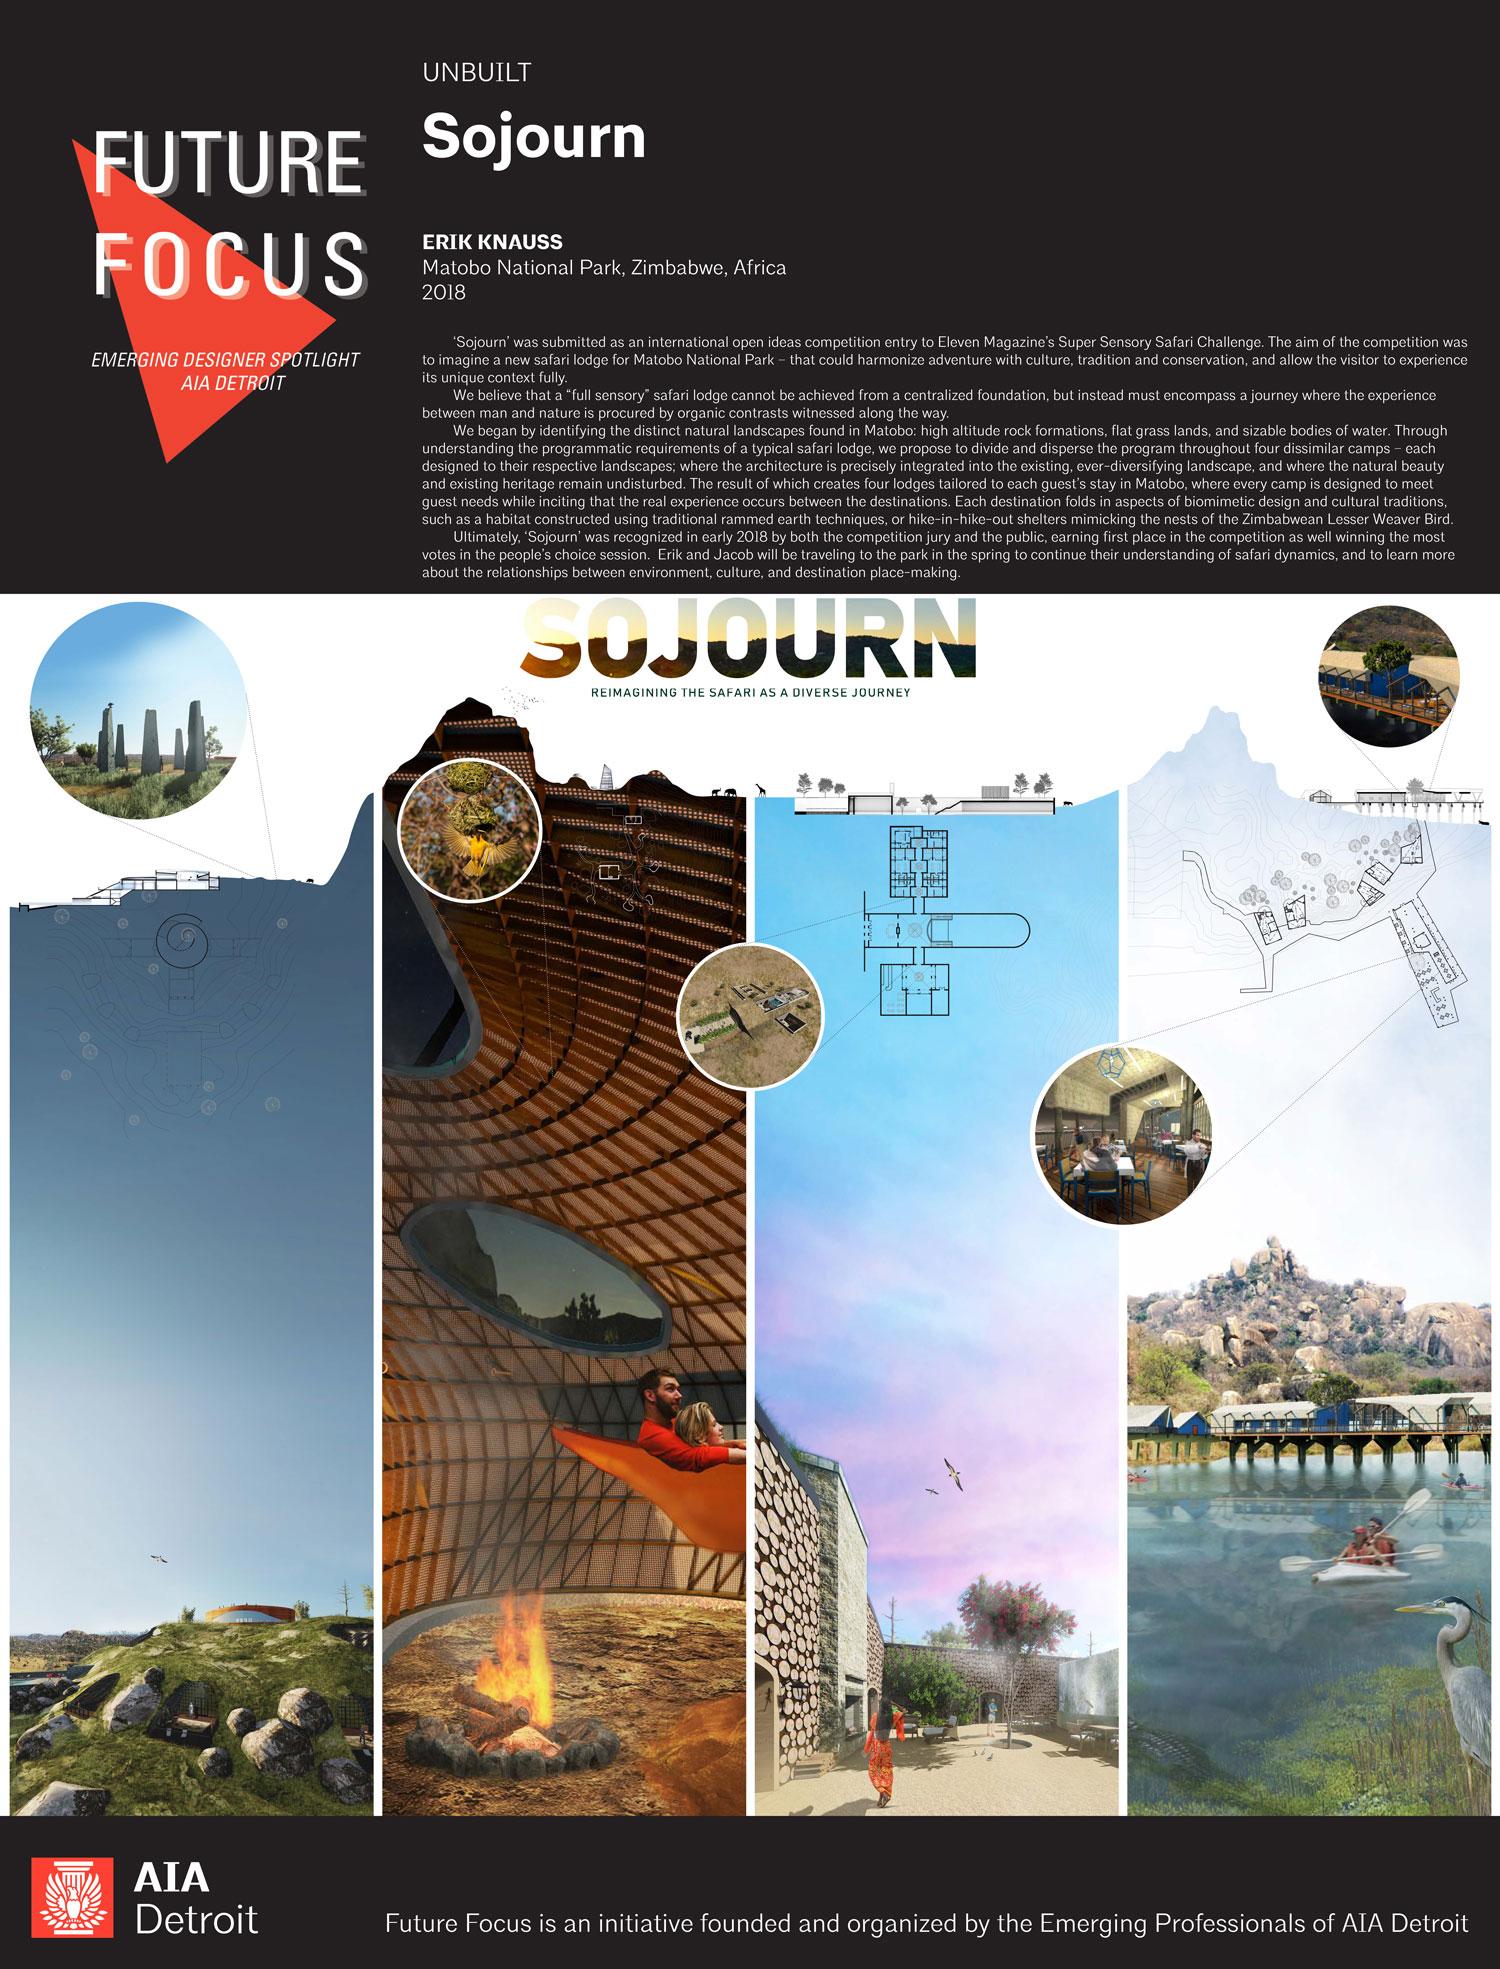 FutureFocus18_ErikKnauss